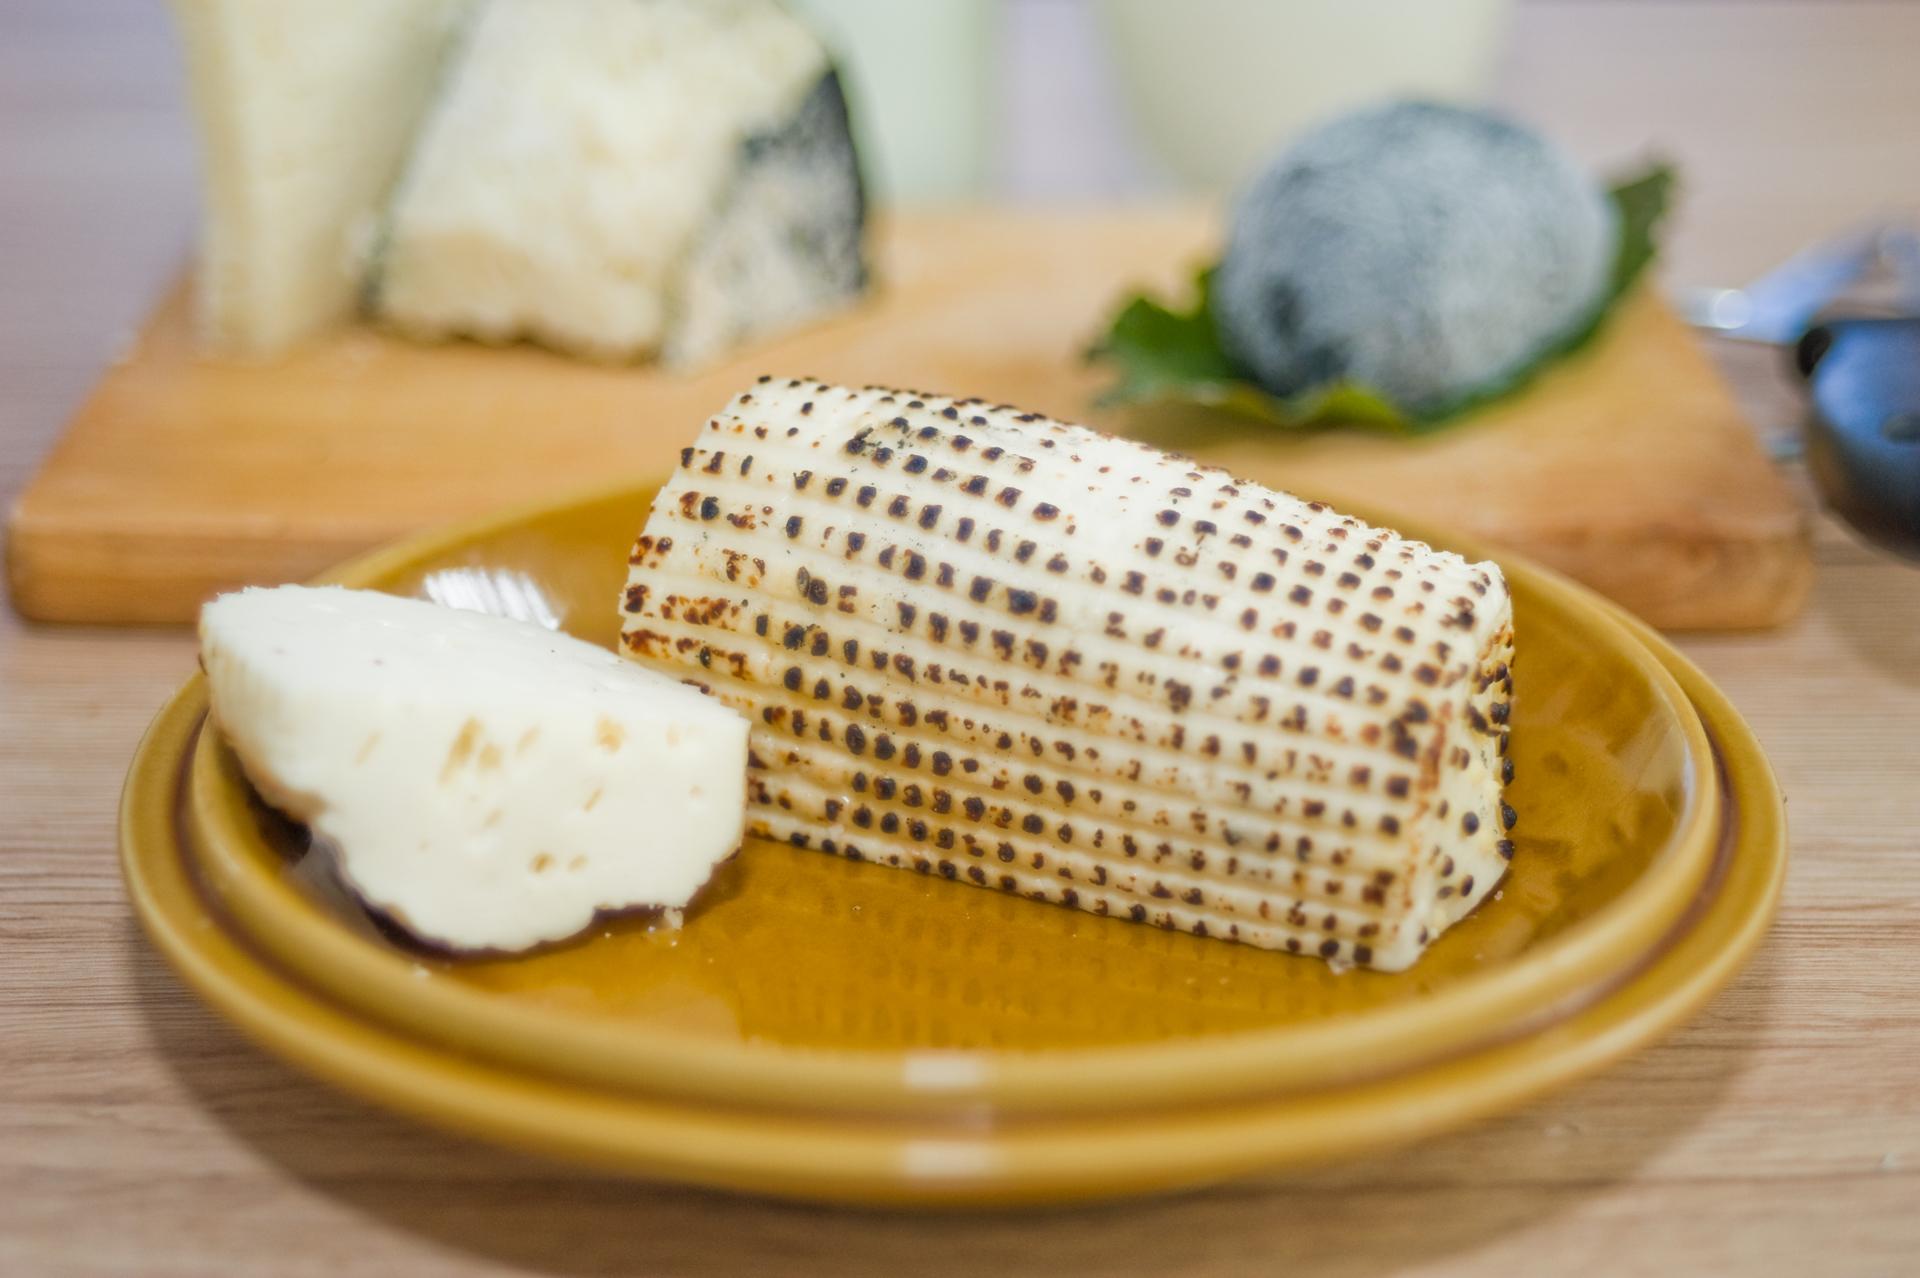 Parázska: friss sajt, a kérgét enyhén pörkölik, ez adja egyedi külsejét és enyhén pirított ízét